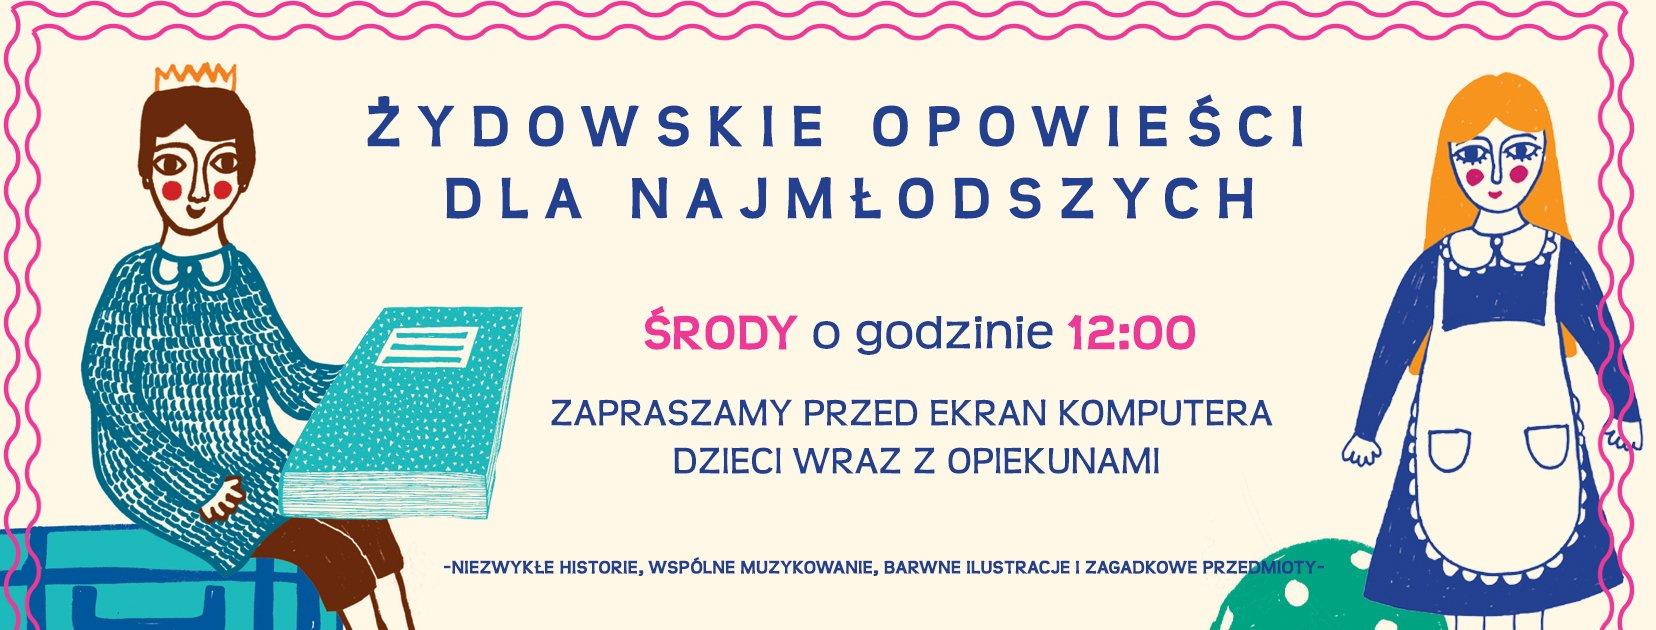 Żydowskie opowieści dla najmłodszych - Muzeum POLIN online